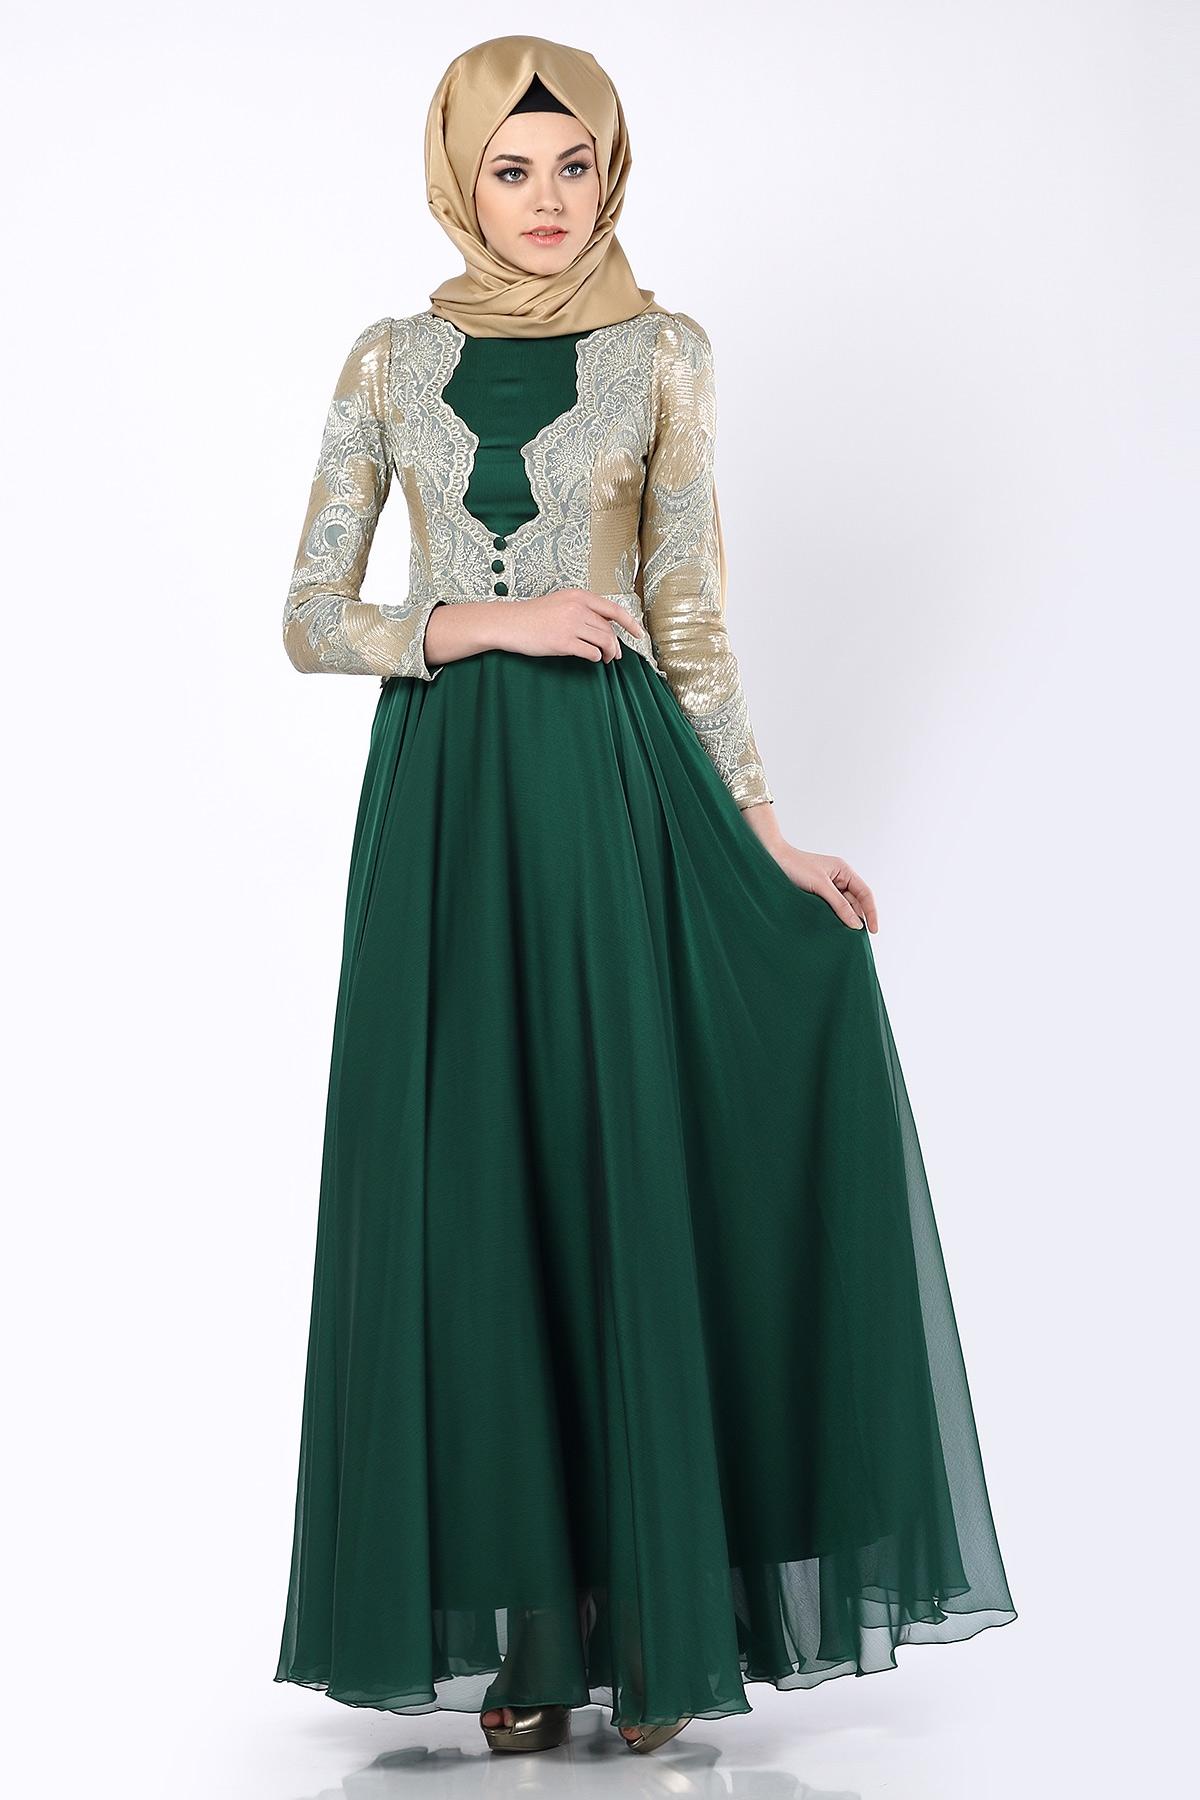 بالصور ازياء محجبات , تصاميم ملابس للفتاة المحجبة 1224 5